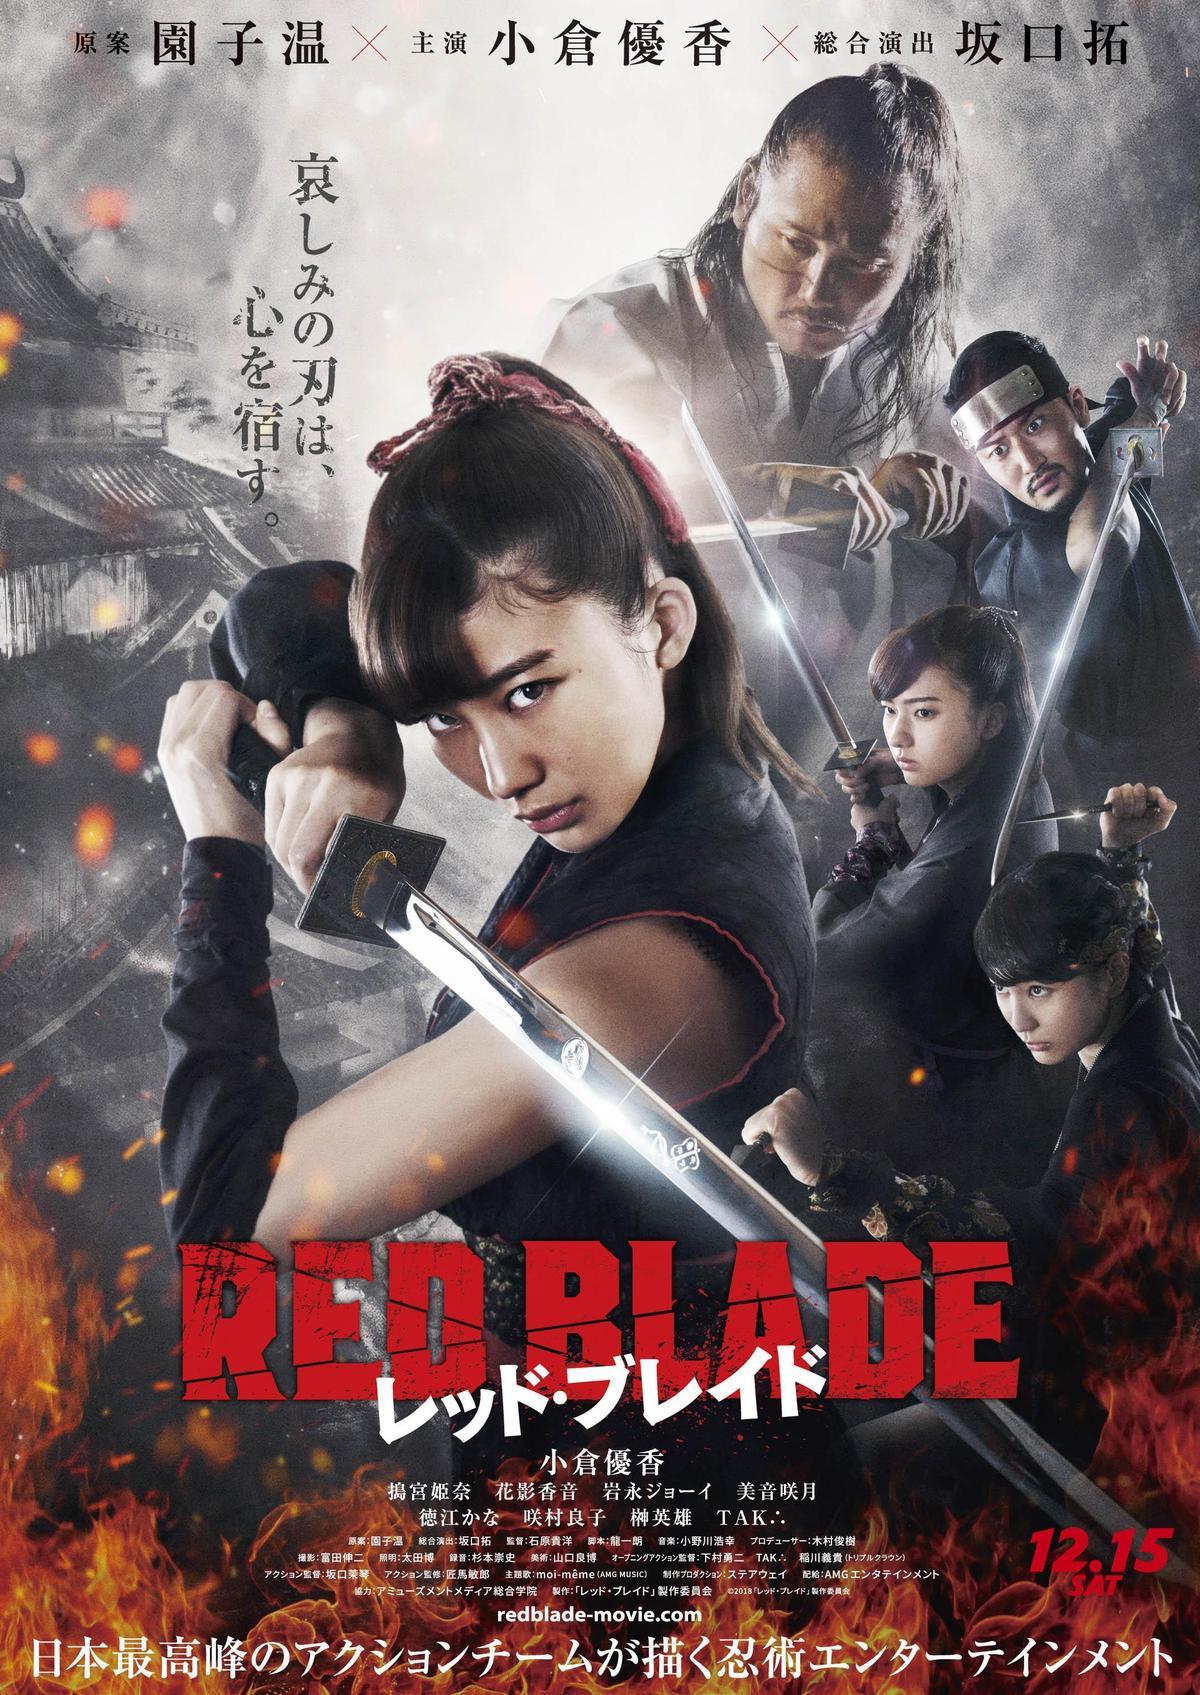 小倉優香為演出電影《RED BLADE》接受特訓,希望喜歡她的粉絲會喜歡。(翻攝自網路)